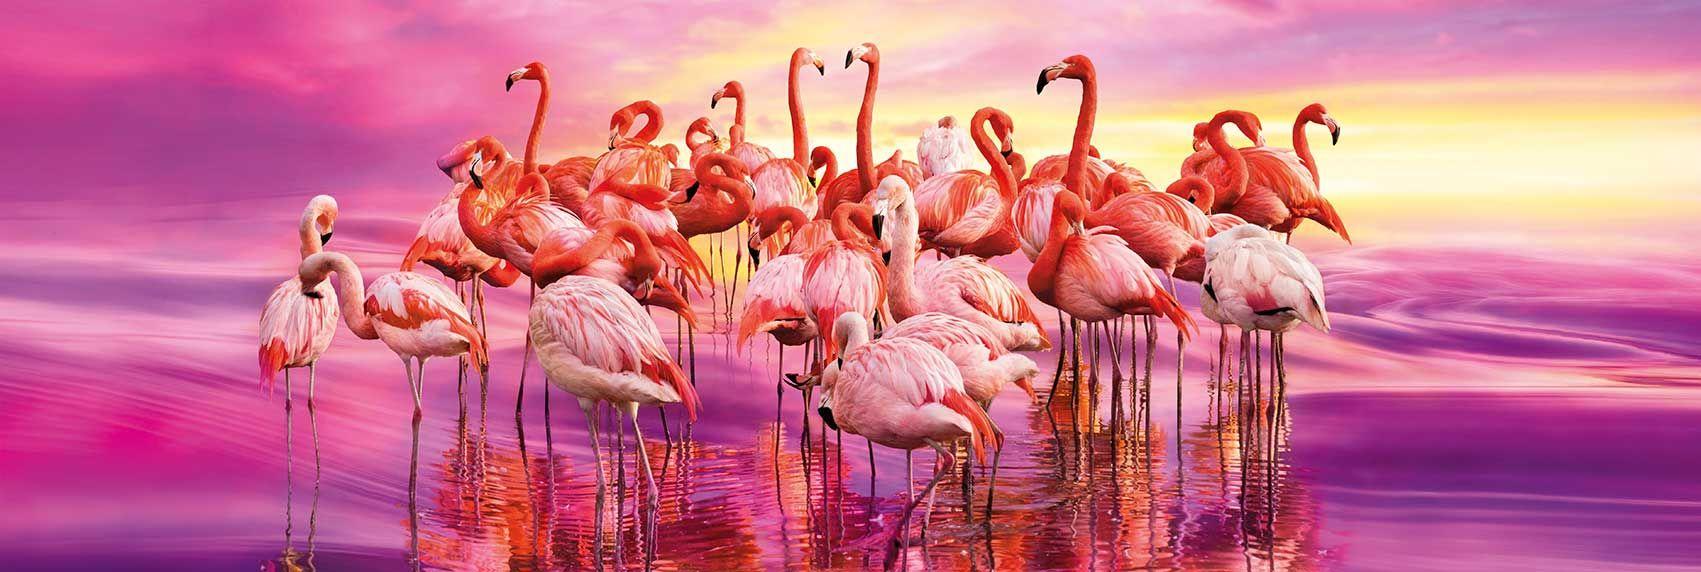 Панорамен пъзел Clementoni от 1000 части - Танцът на розовите фламинга - 2